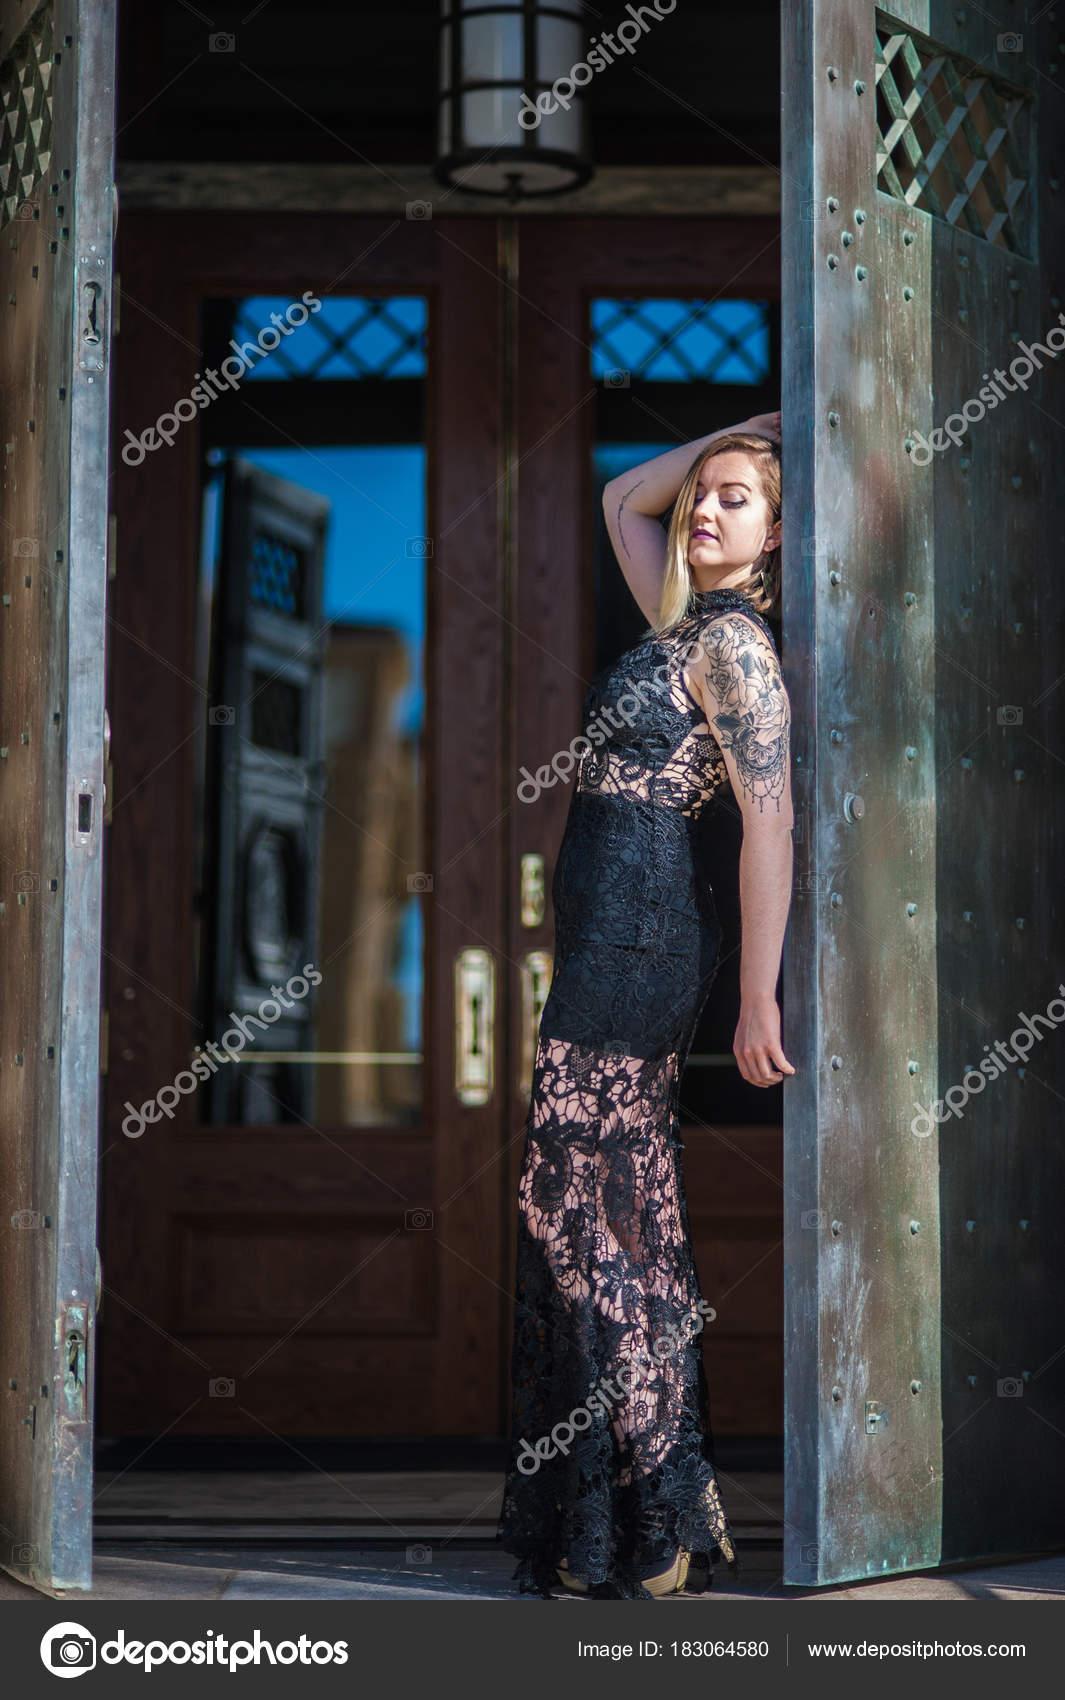 575bd0c5ca2 Rustikální dveře otevřené odhalila alternativní model v černé krajkové  večerní šaty se zpět jako sklo odráží modré oblohy– stock obrázky